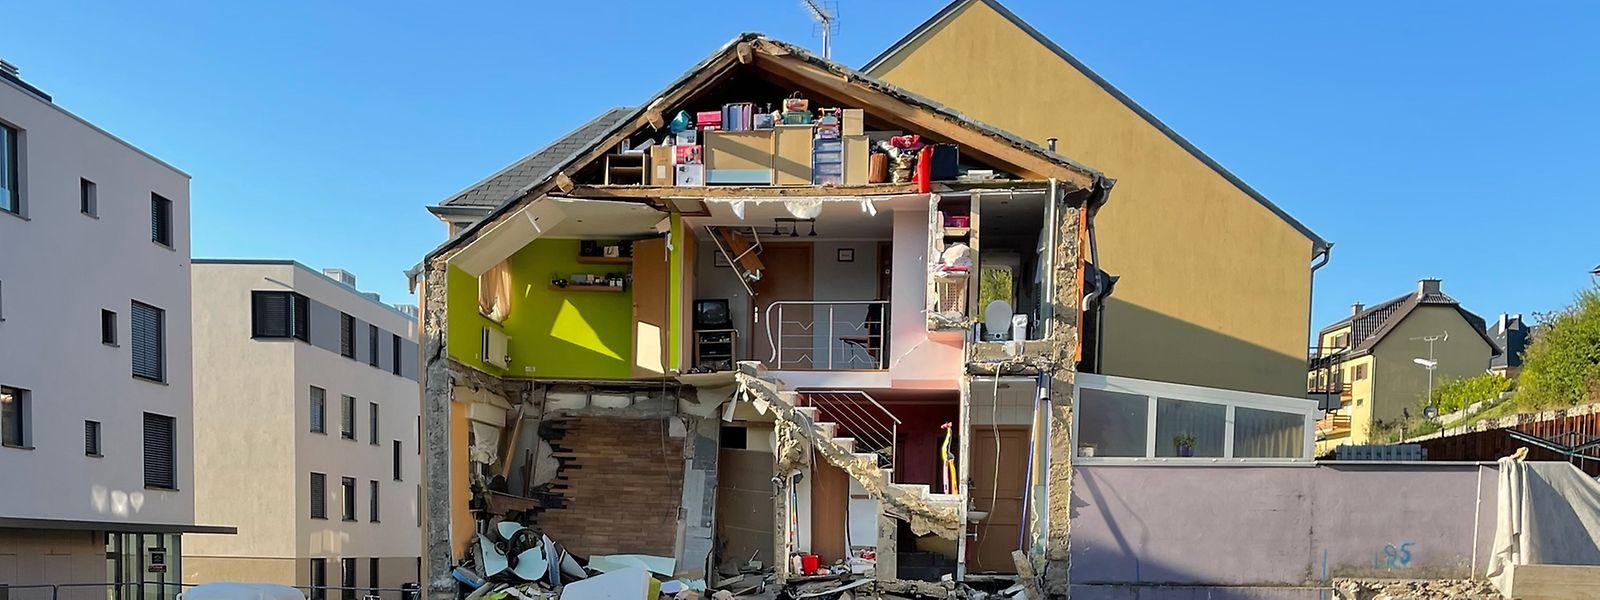 Die Gemeinde brachte die betroffenen Einwohner in eine Notunterkunft.